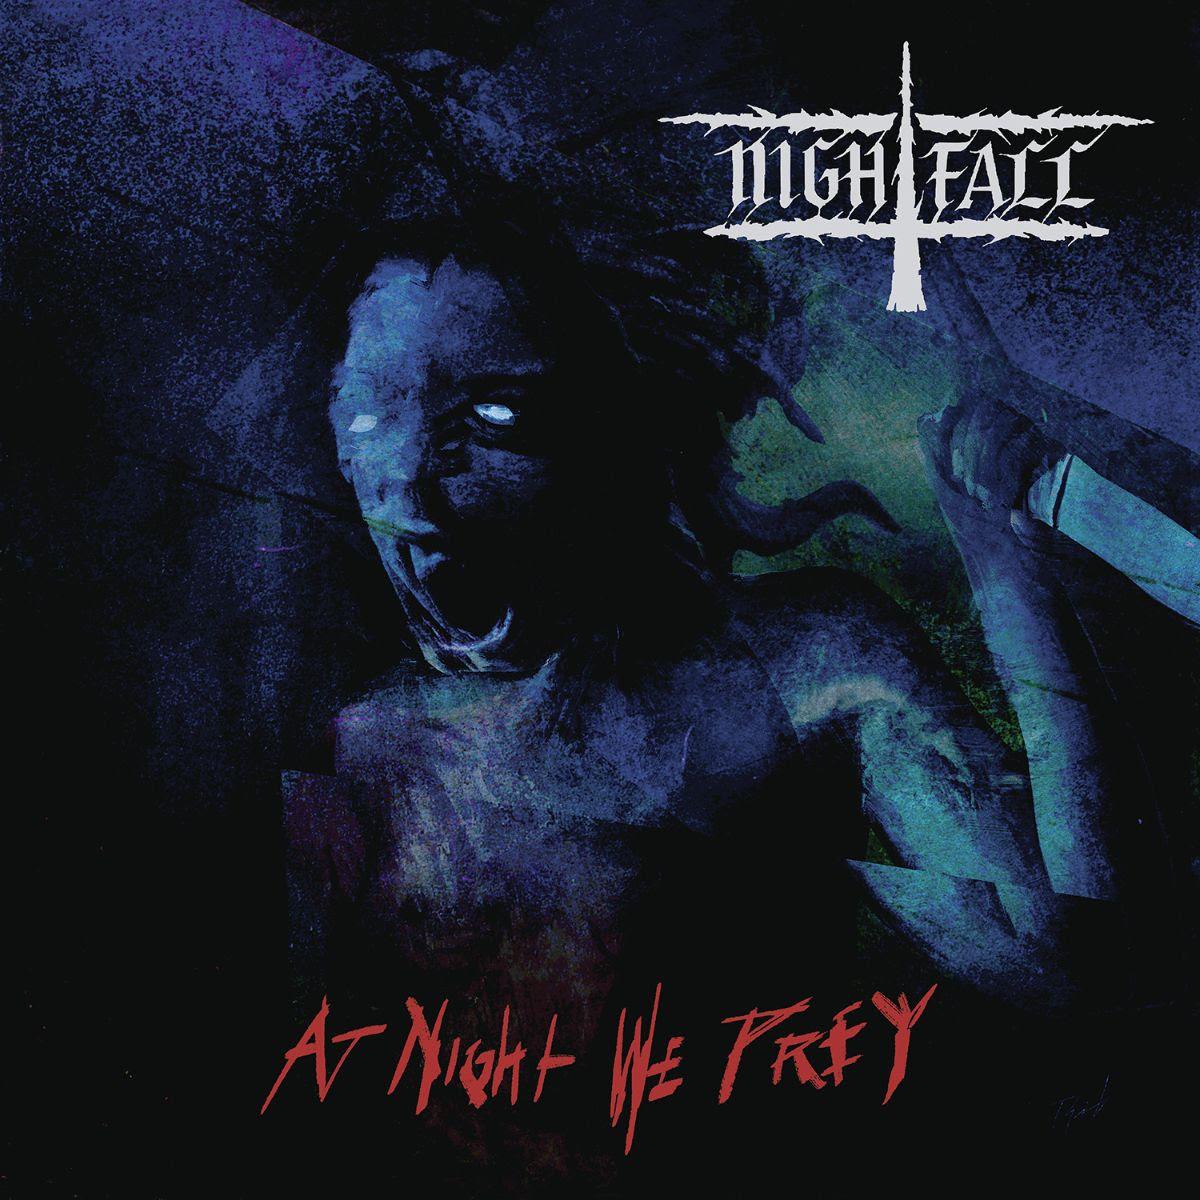 Nightfall-At-Night-We-Prey-2021